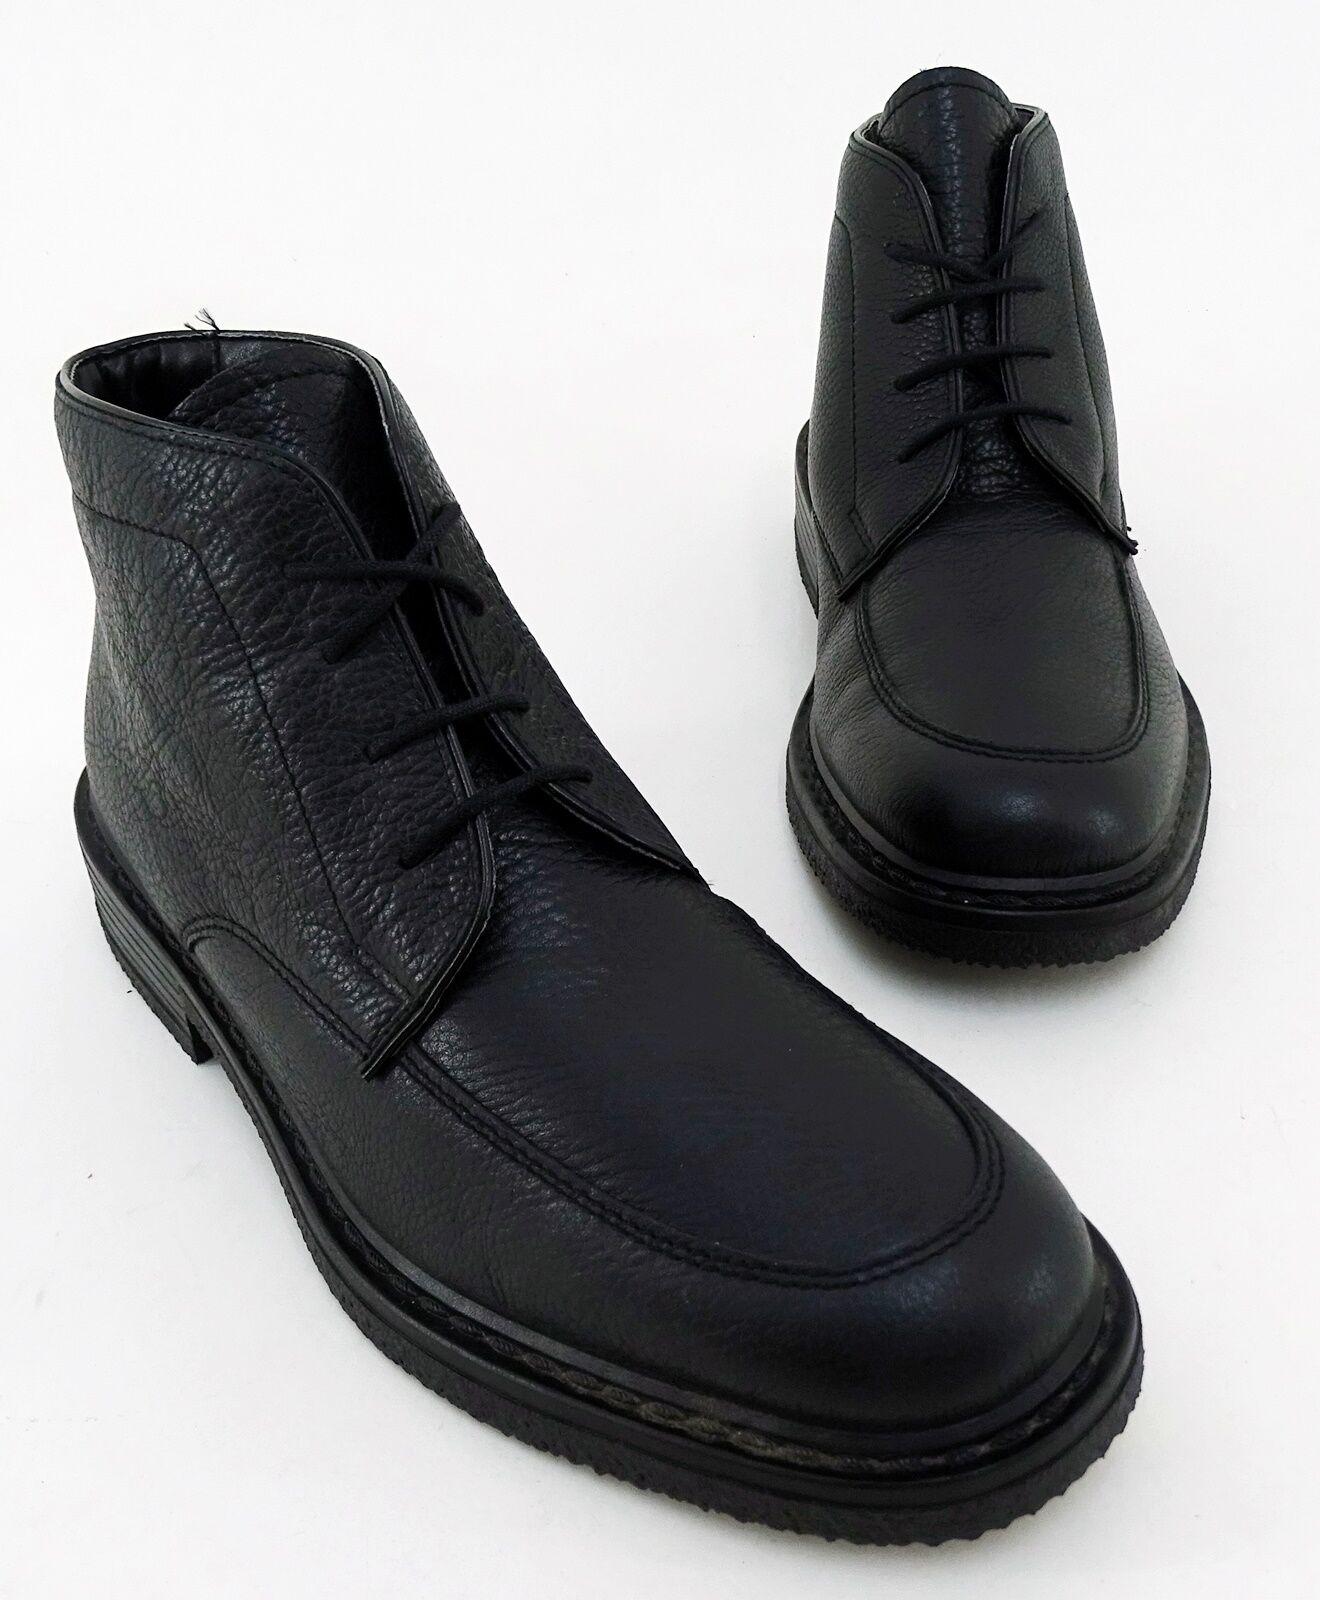 Stiefeletten Rohde Schnürer Winter Boots Echtleder schwarz Gr. 9,5 = 43,5